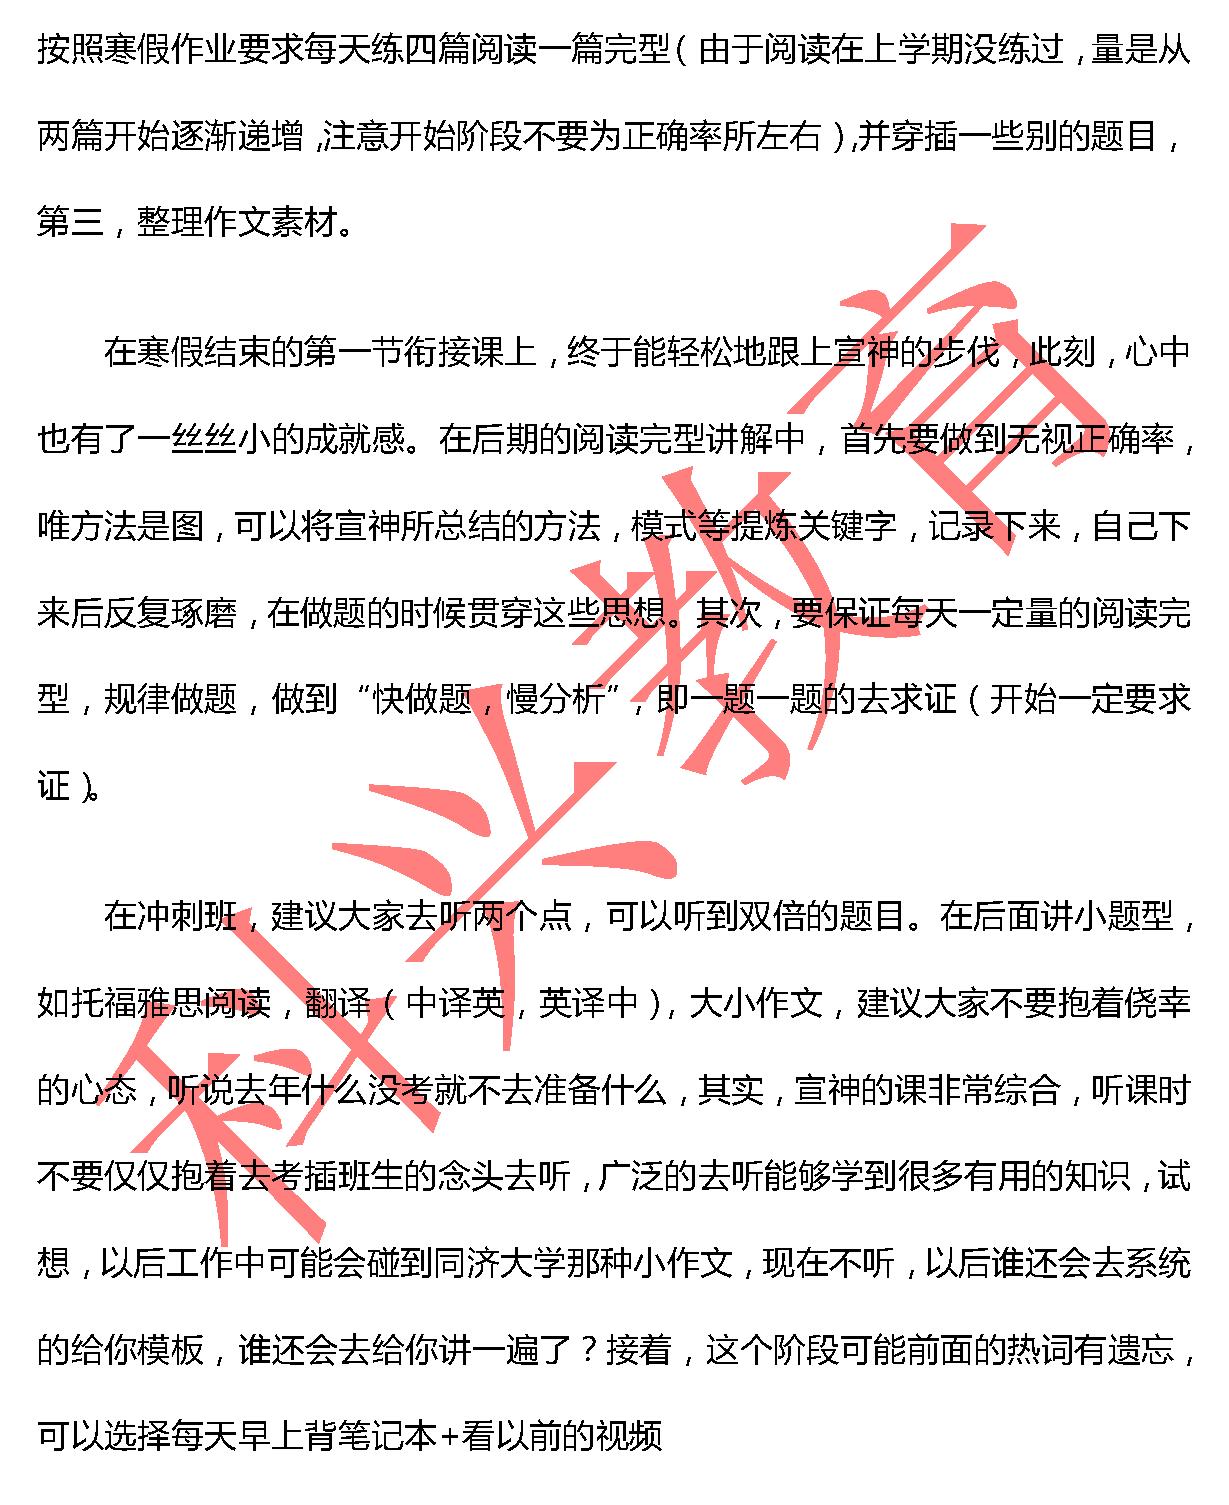 华东师大田冲:简单而纯粹的那年(17届)